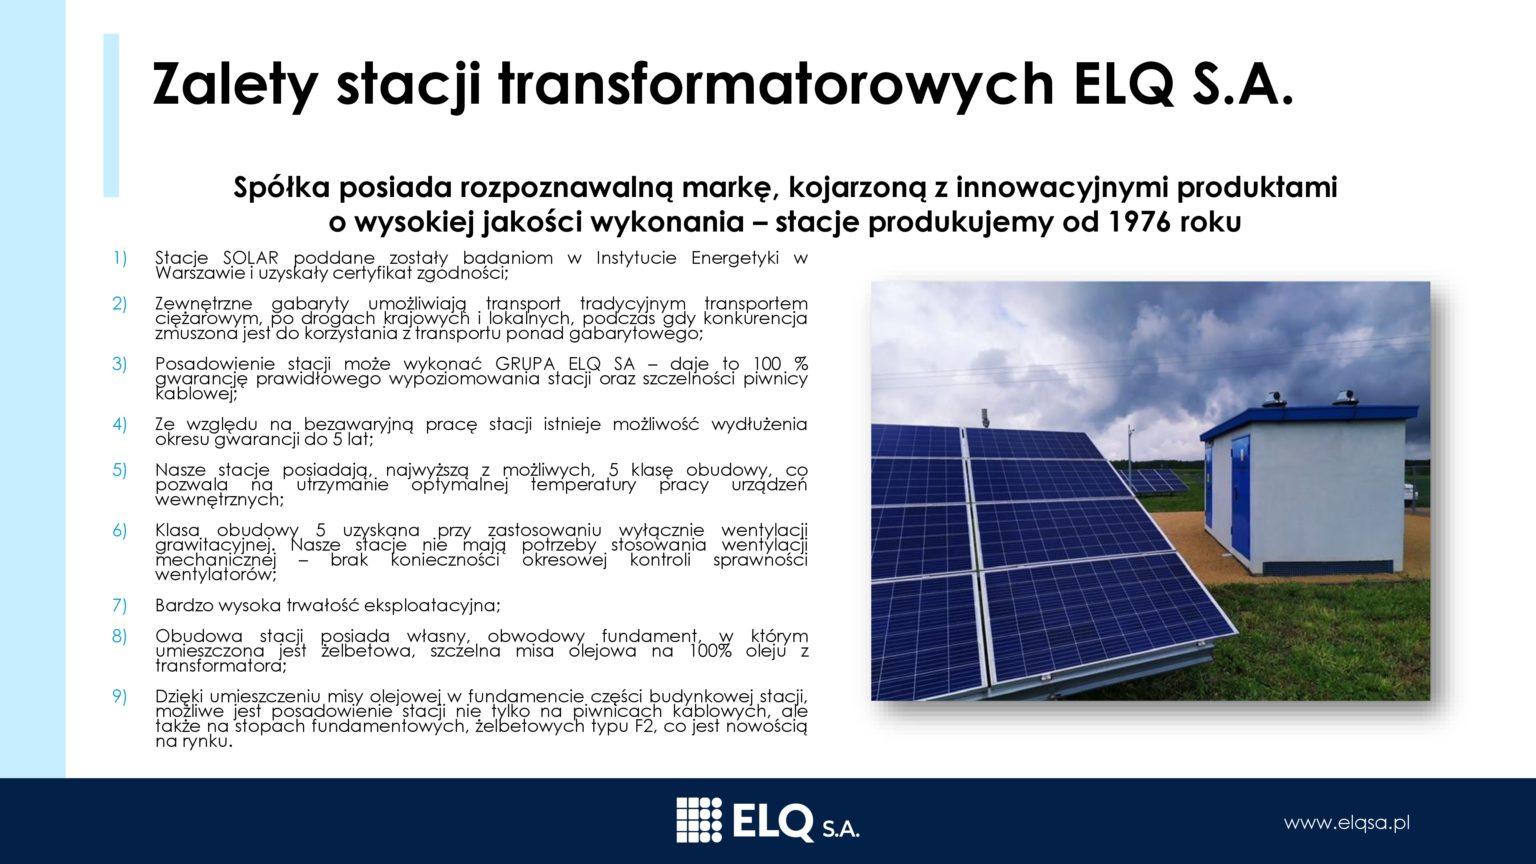 Zalety iprzewaga konkurencyjna ELQ2